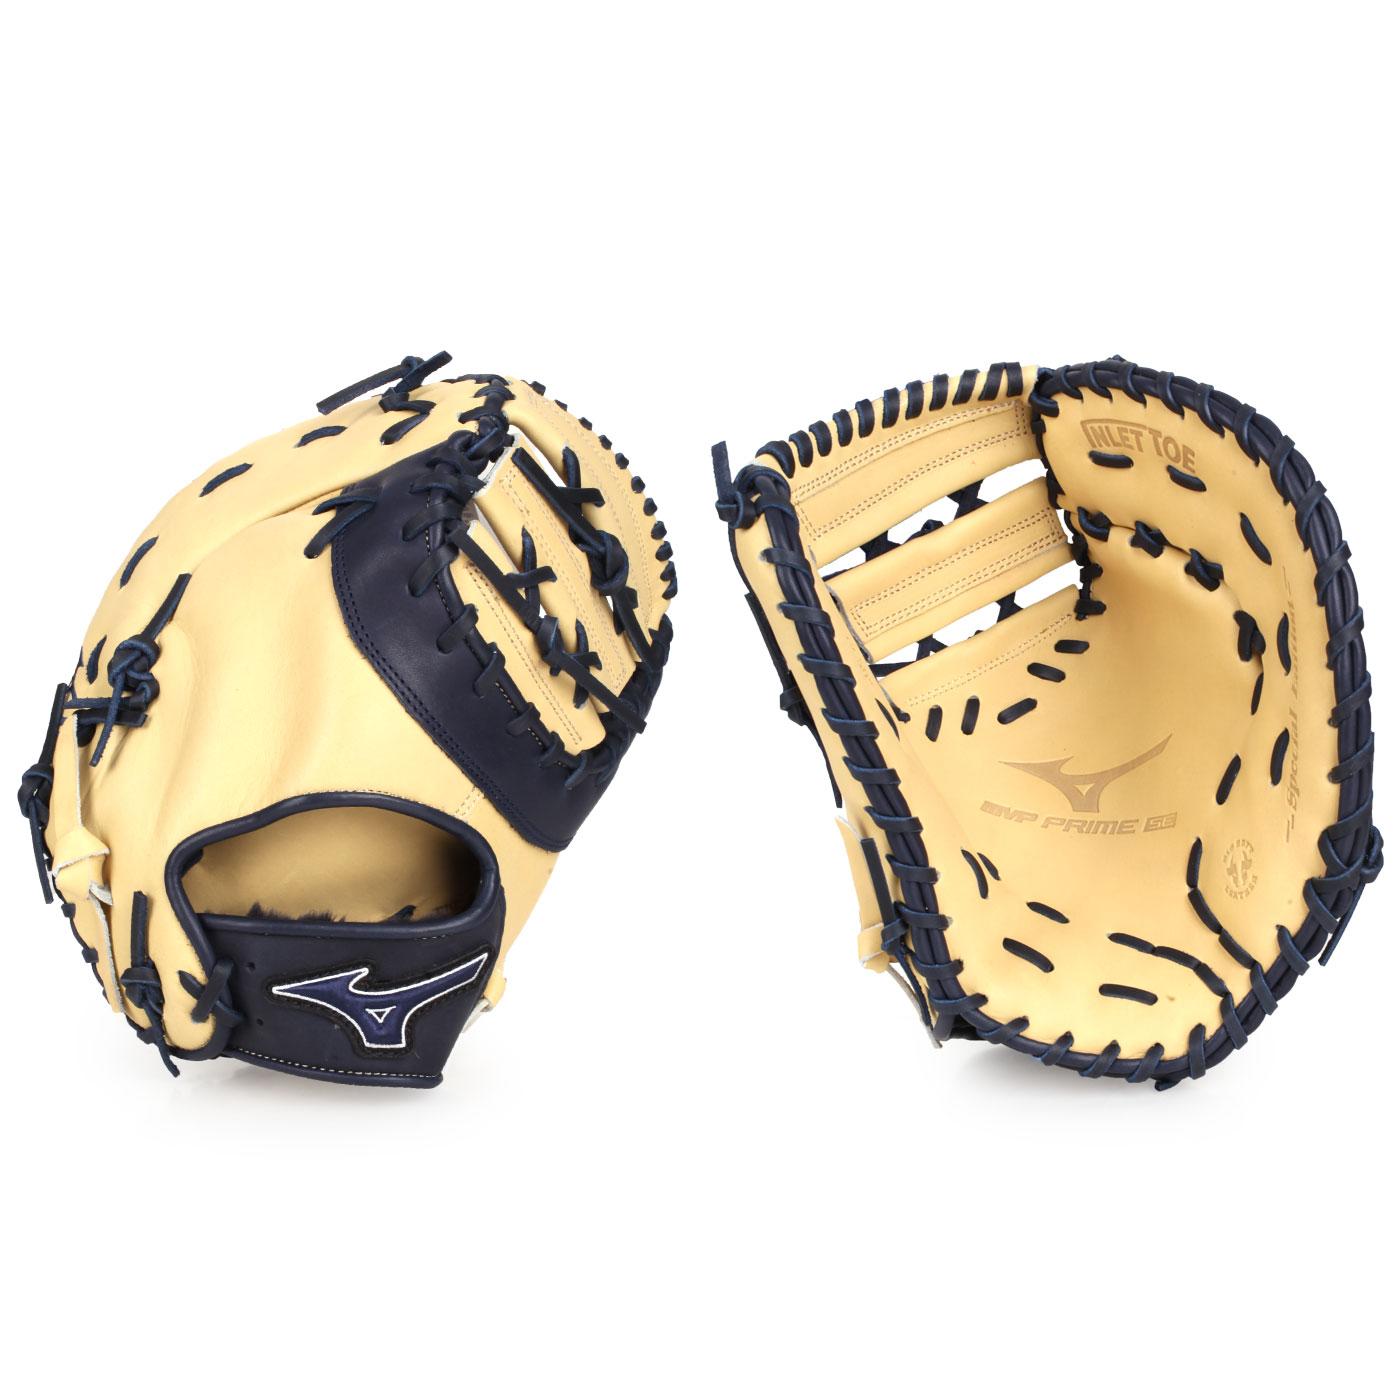 MIZUNO 硬式一壘手手套(右投) 312740-R151 - 淺卡其丈青